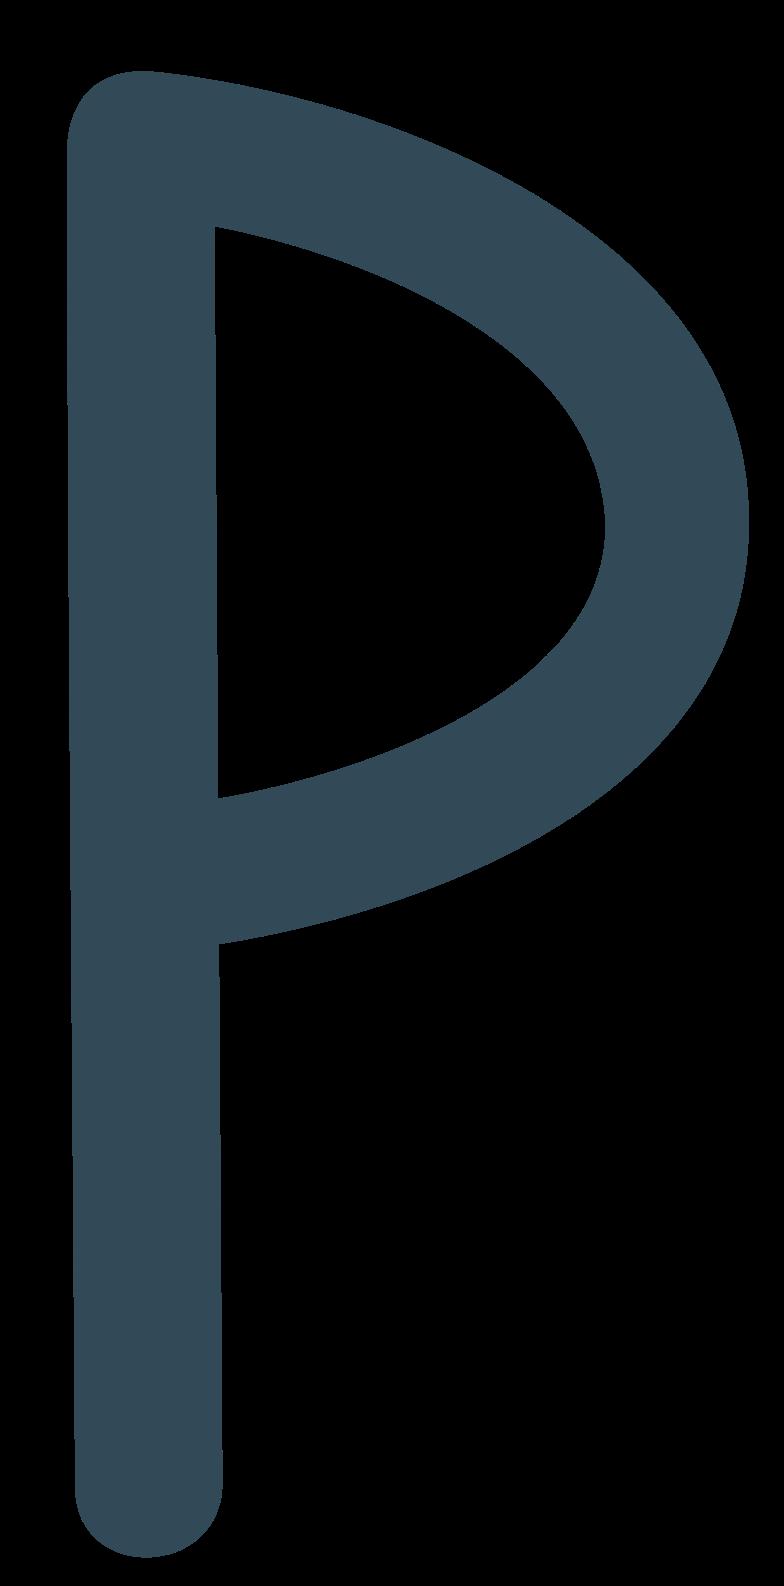 p dark blue Clipart illustration in PNG, SVG